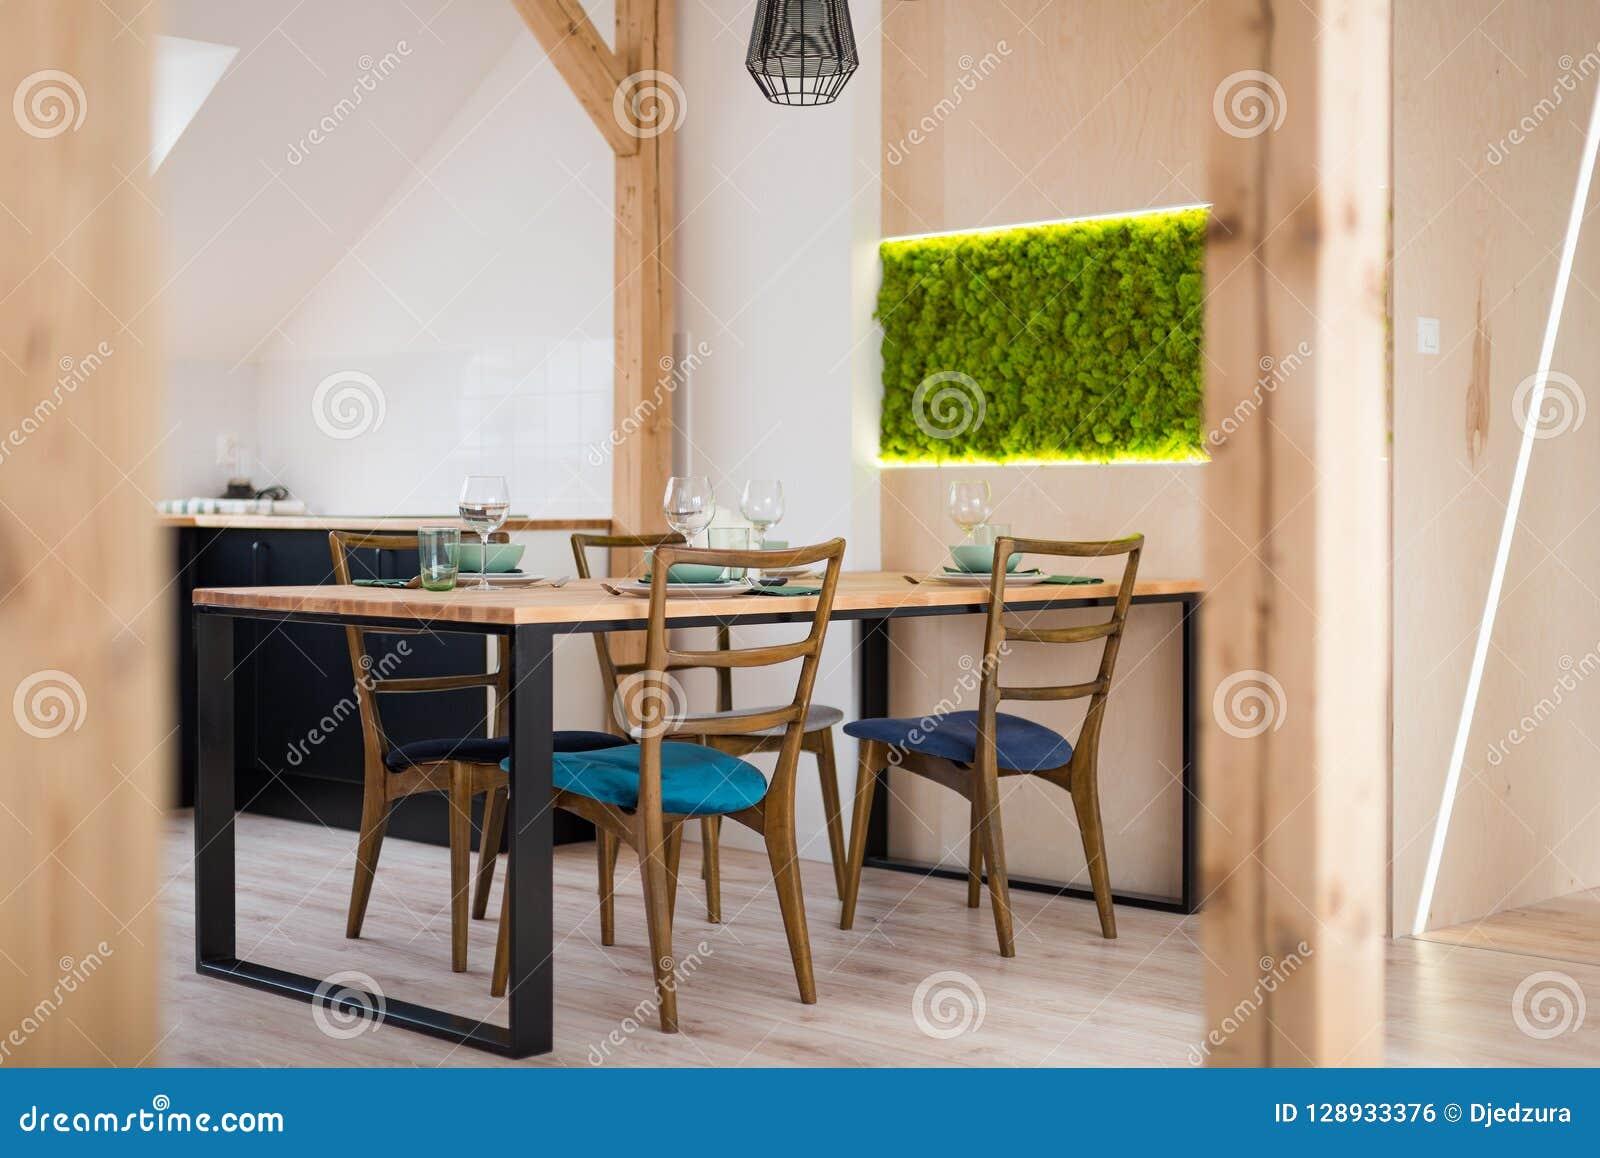 Table En Bois Dans La Salle à Manger Moderne Photo stock ...